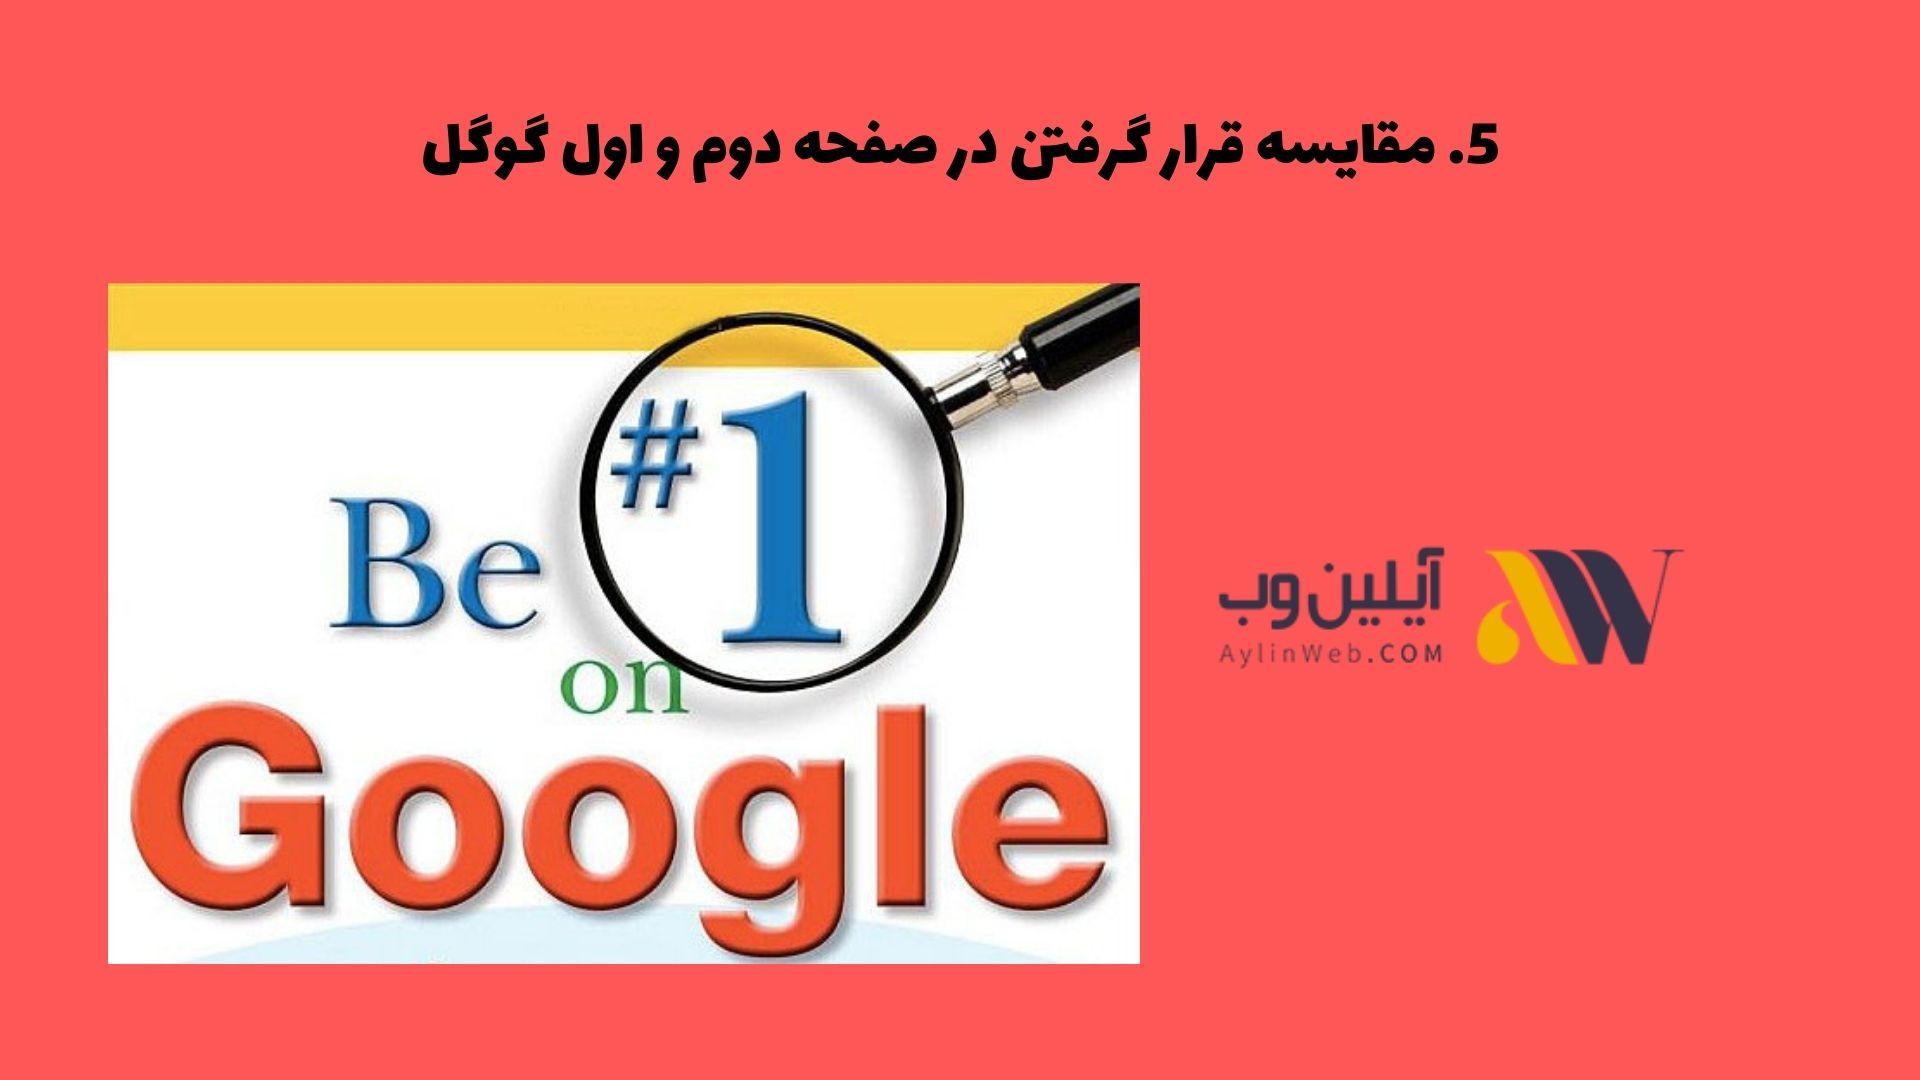 مقایسه قرار گرفتن در صفحه دوم و اول گوگل